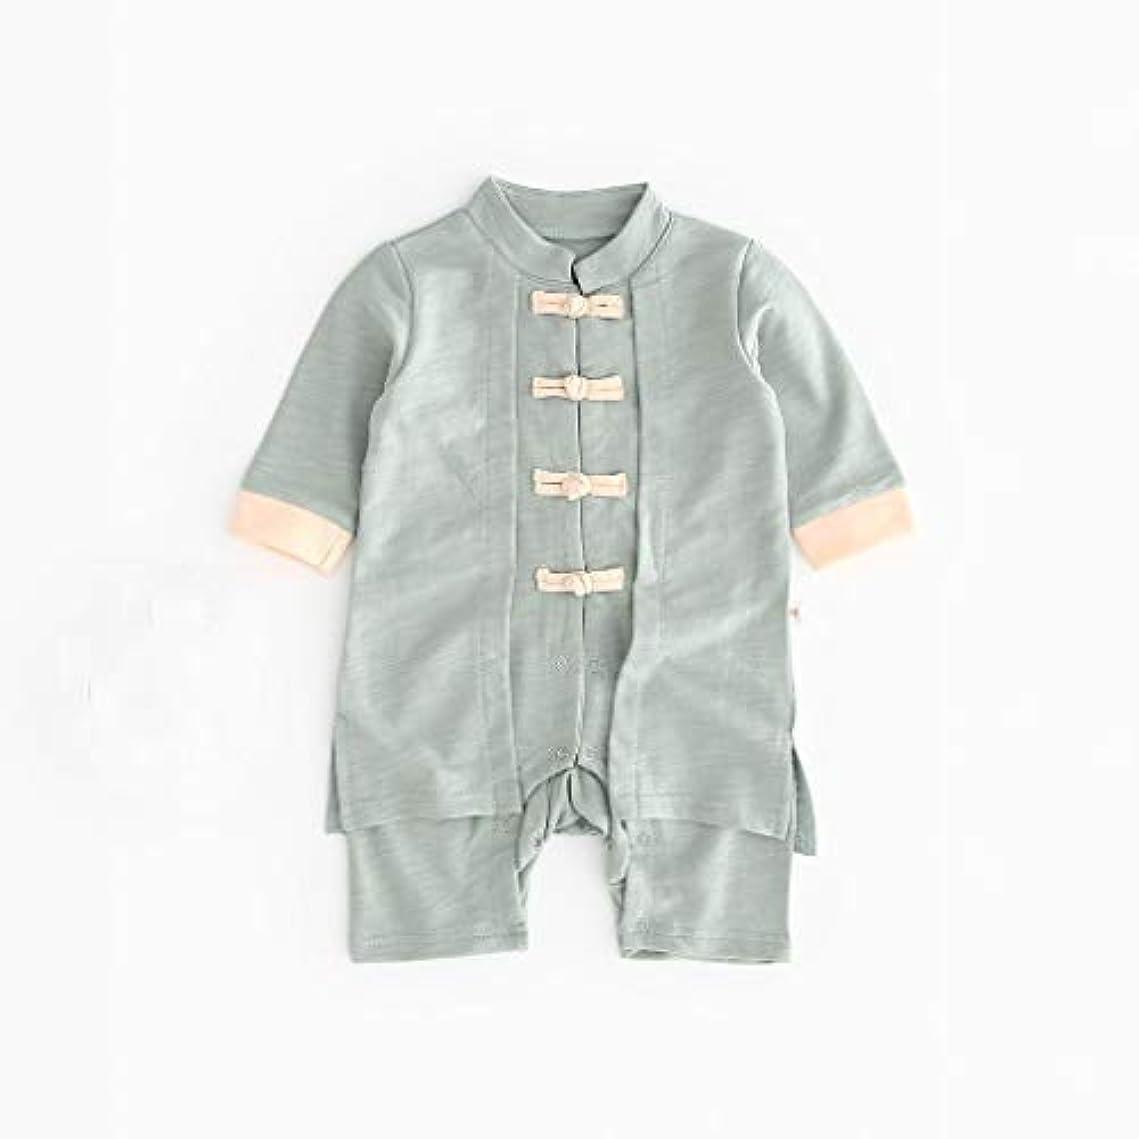 無効にする膨らみ天かわいいボタン漢風生まれたばかりの赤ちゃん男の子女の子ボタン固体ロンパースジャンプスーツ着物服パジャマ女の子男の子レターストライプ長袖コットンロンパースジャンプスーツ